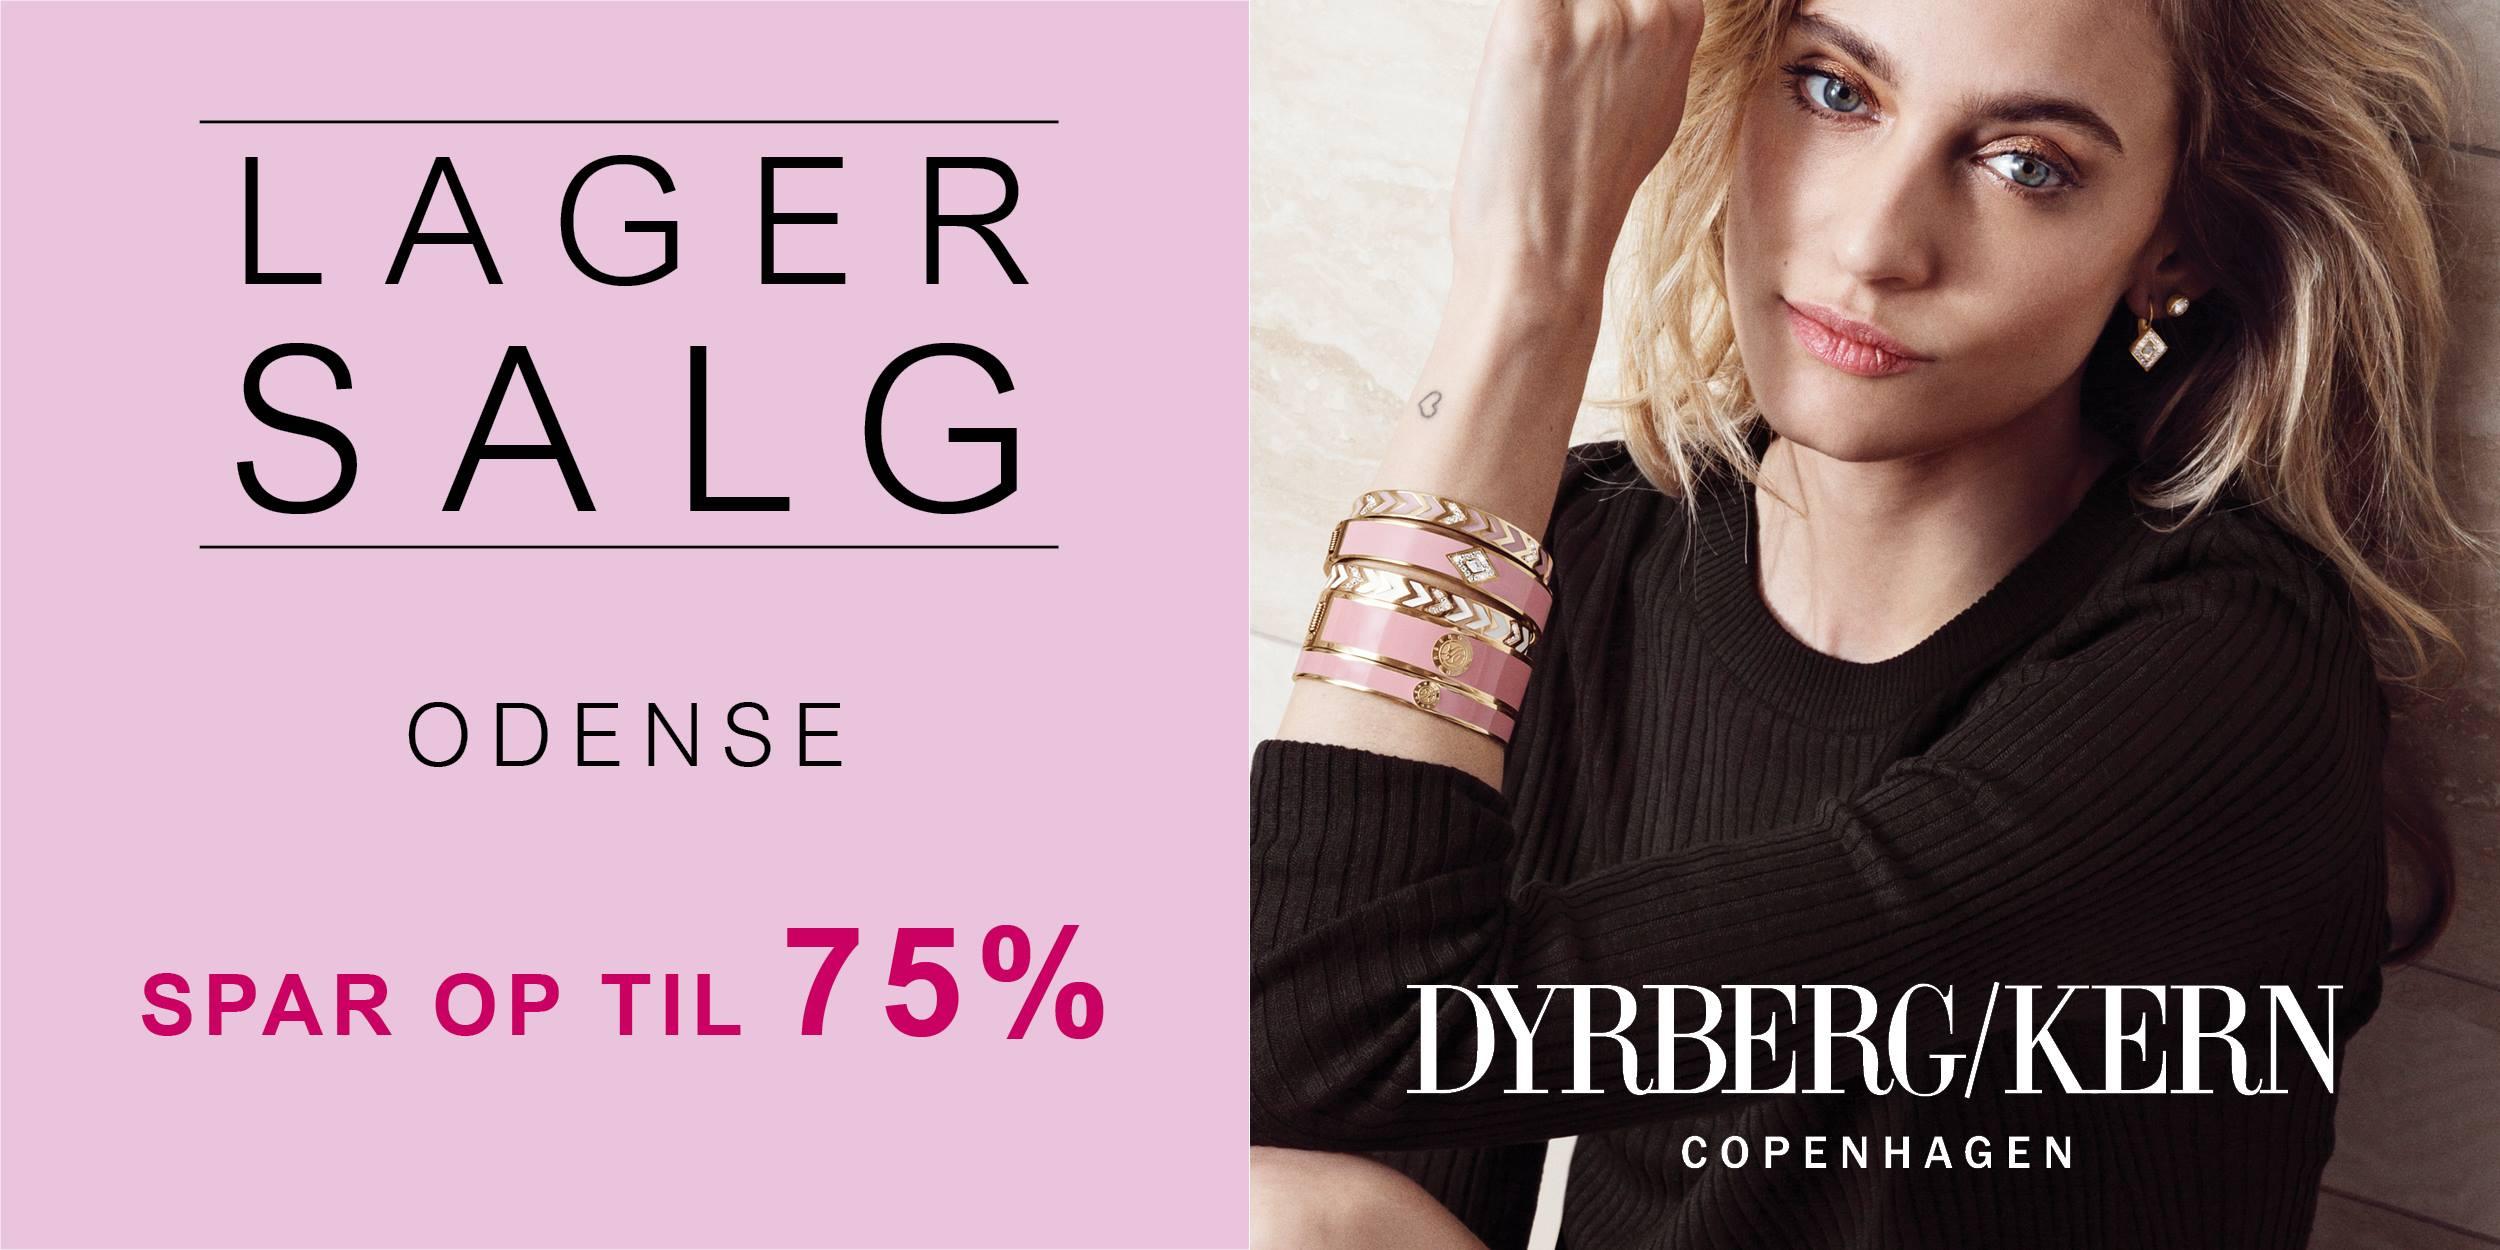 Dyrberg/Kern Lagersalg i Odense, kulturguide, kultur, shopping, danmark, lagersalg